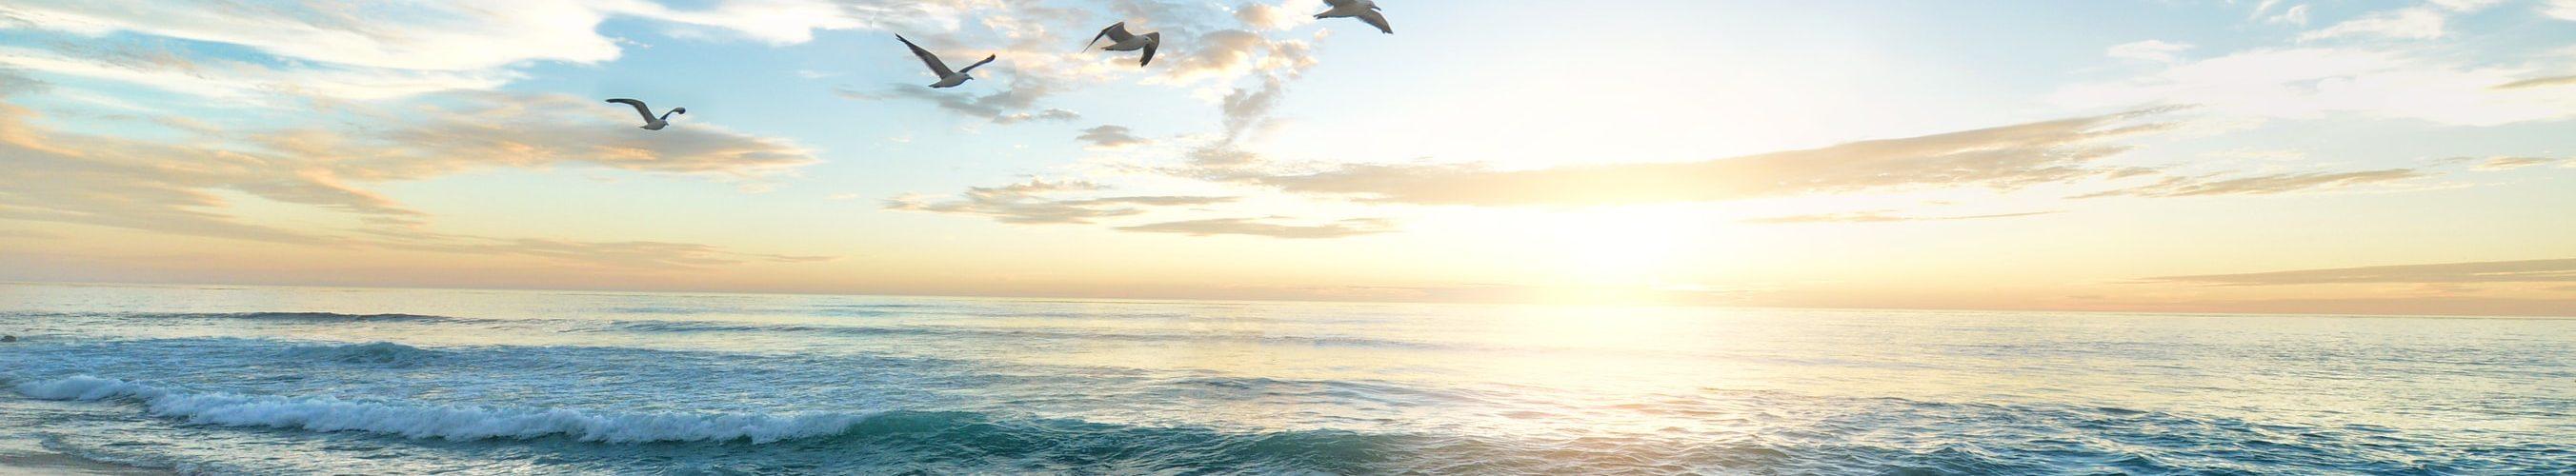 heldere-lucht-strand